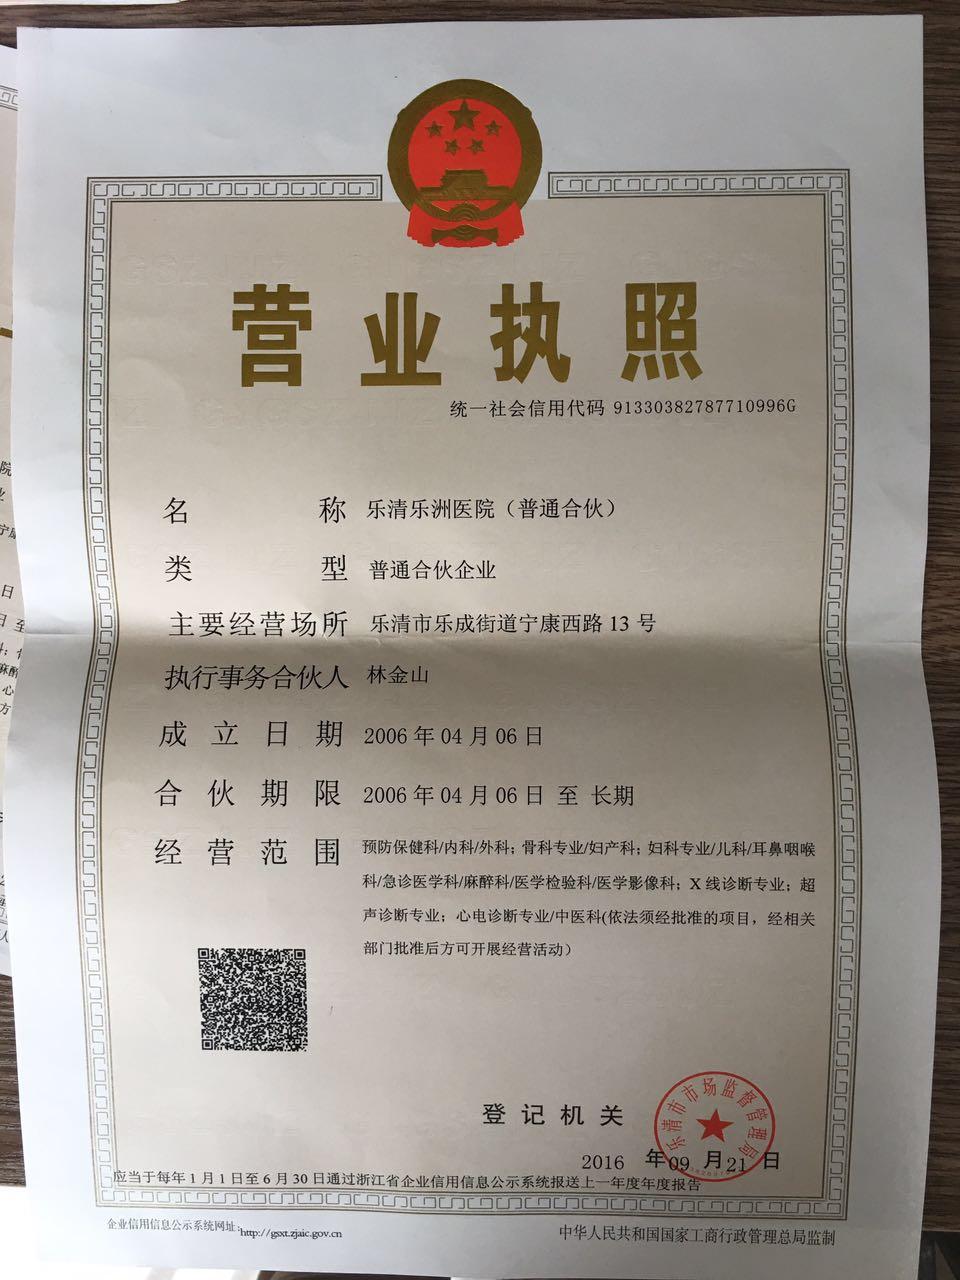 乐清乐洲医院营业执照